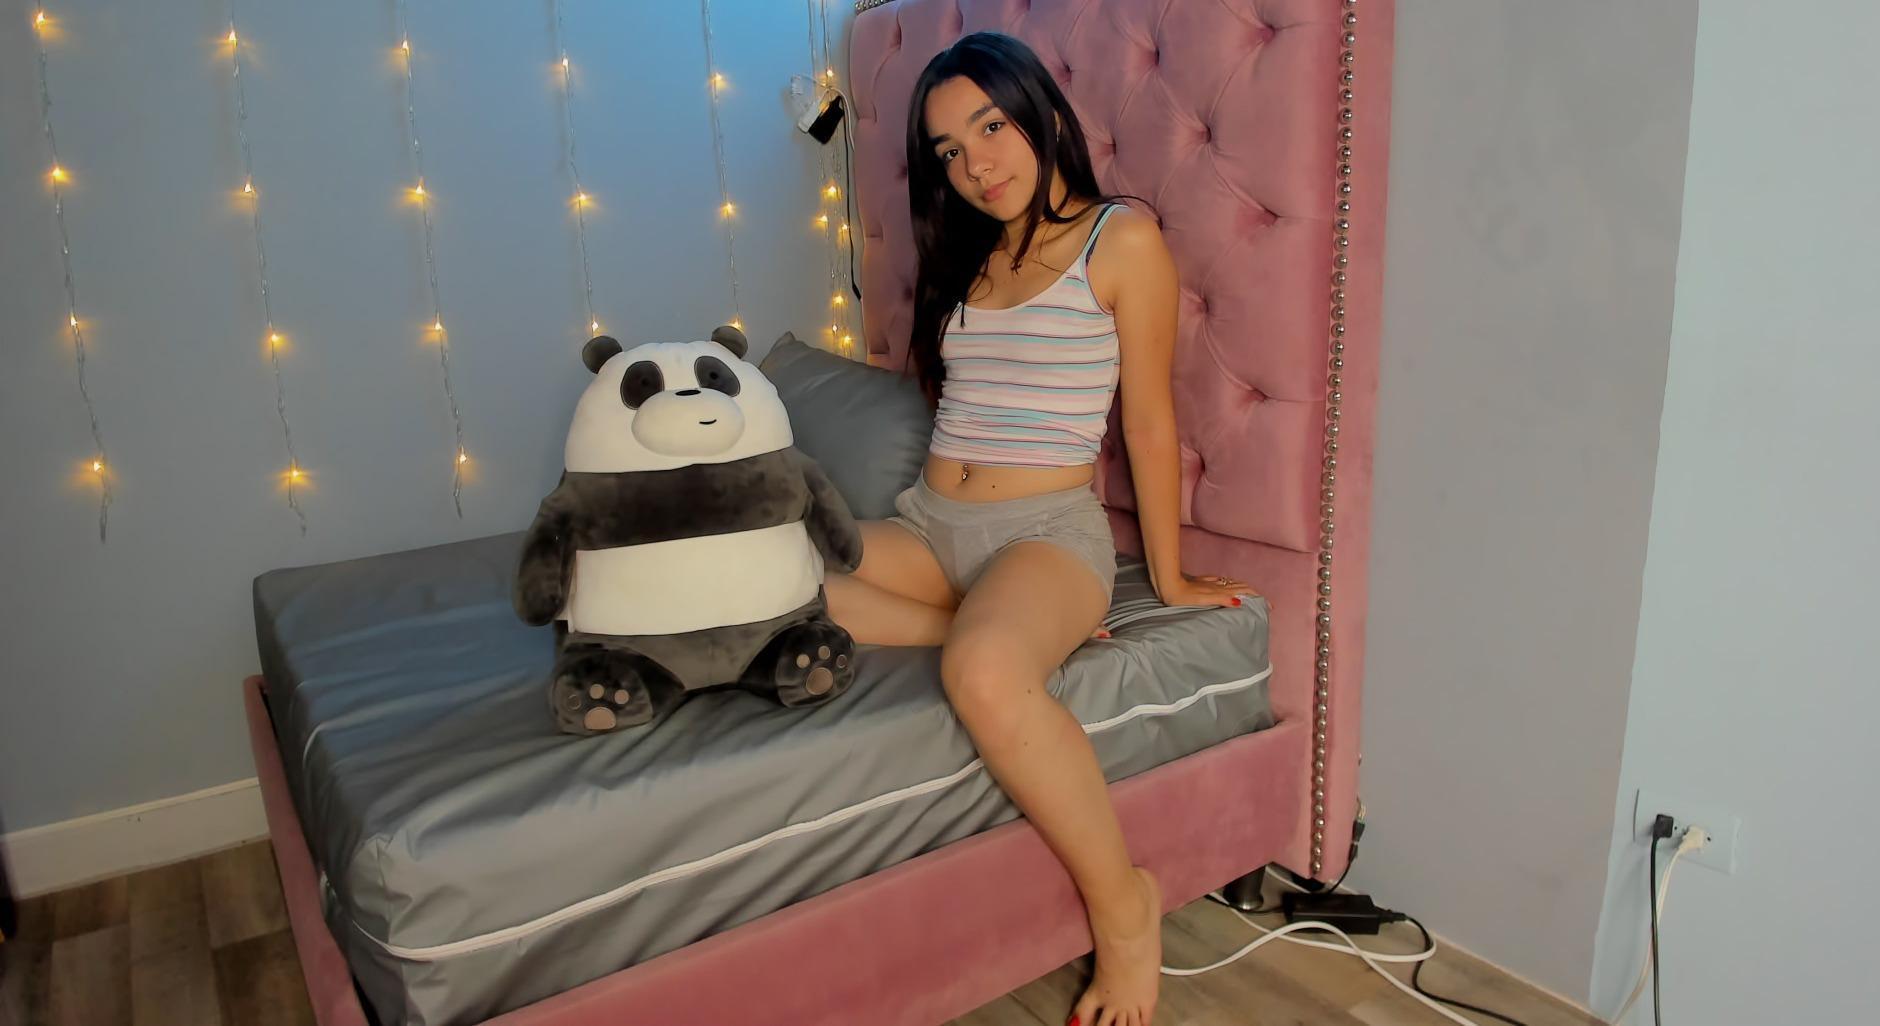 Samantha lorens?s=nnasslzm0fr1n9xn4of25lhnne6c7+mvqgvaisjnr8m=